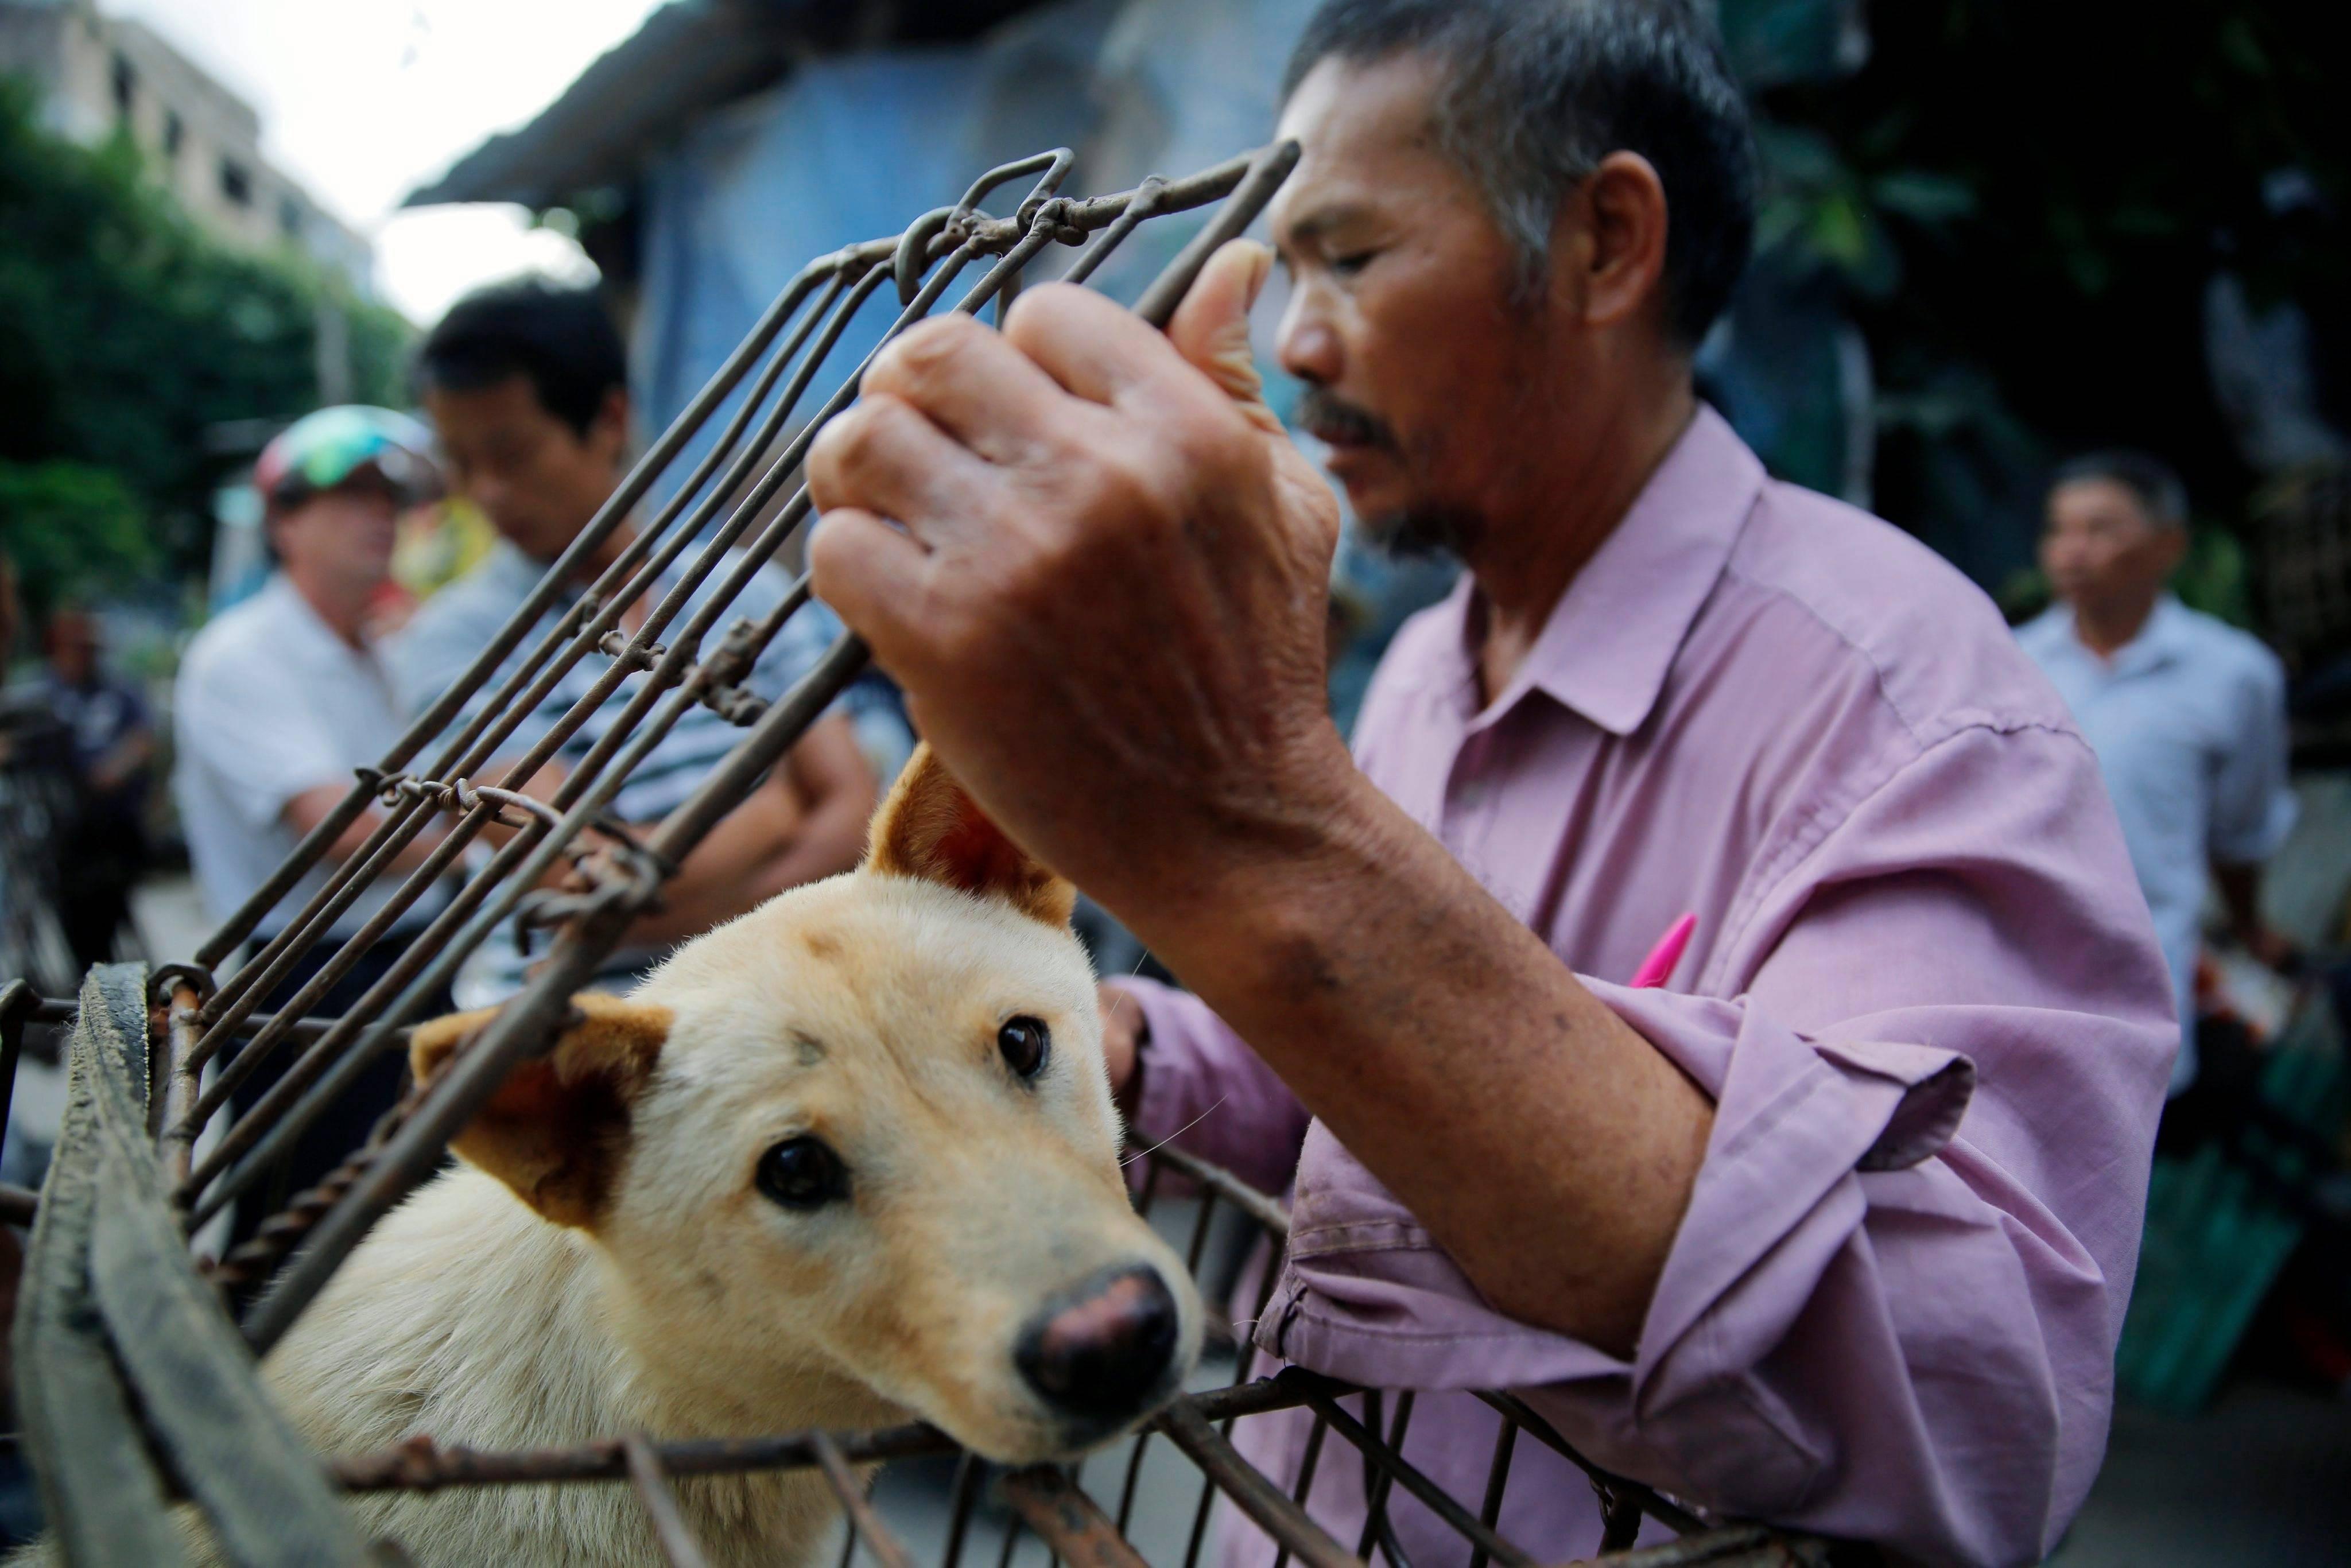 В какой корее едят собак. едят ли собак в северной корее? едят ли в южной корее собак